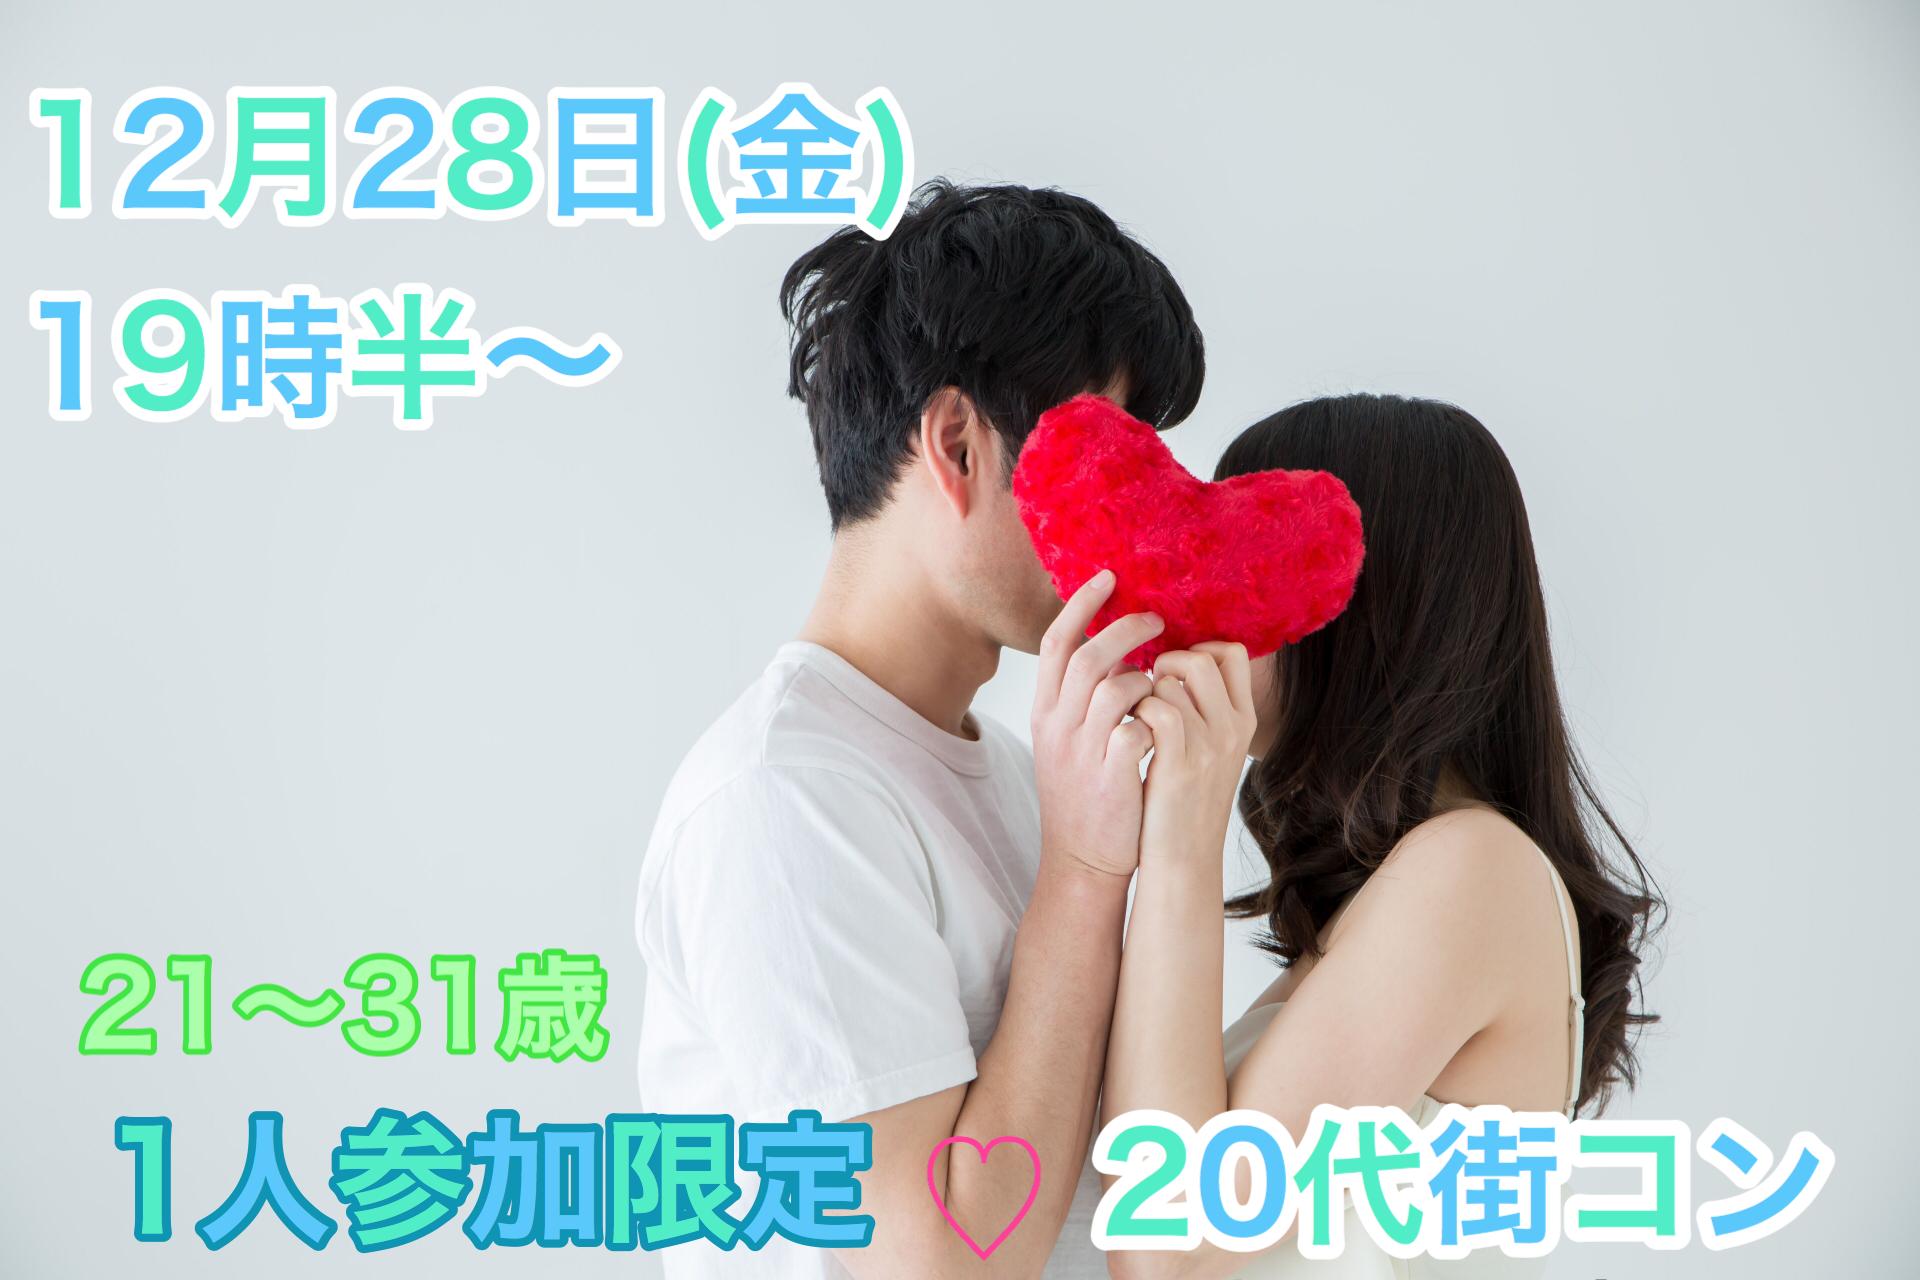 【終了】12月28日(金)19時30分~1人参加限定!【24~31歳限定】みんな一人参加だから安心!20代街コン!